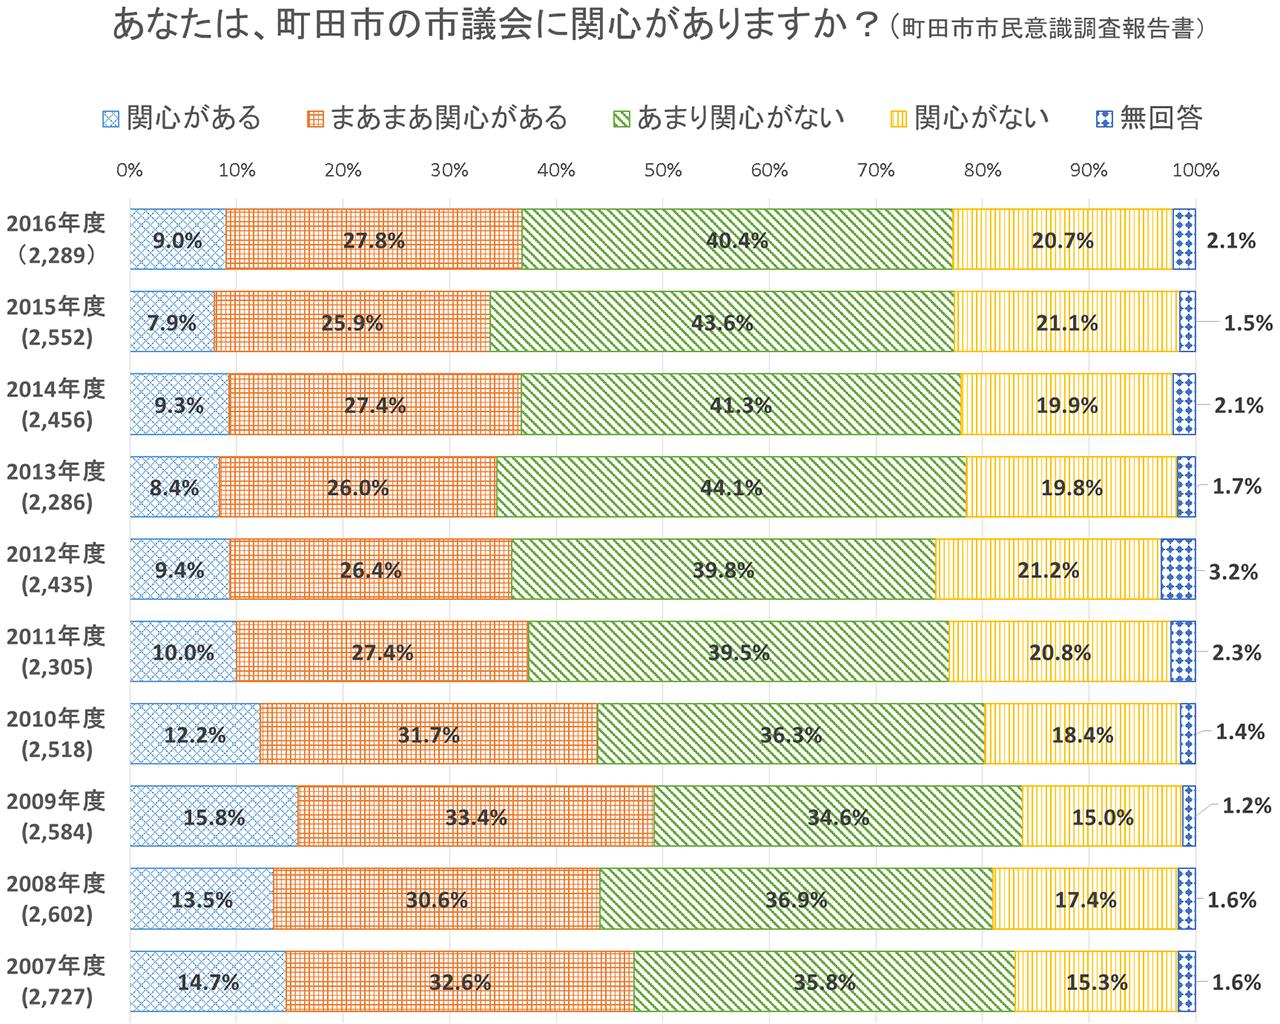 図1 町田市市民の議会への関心度の推移(2007〜2016年度)